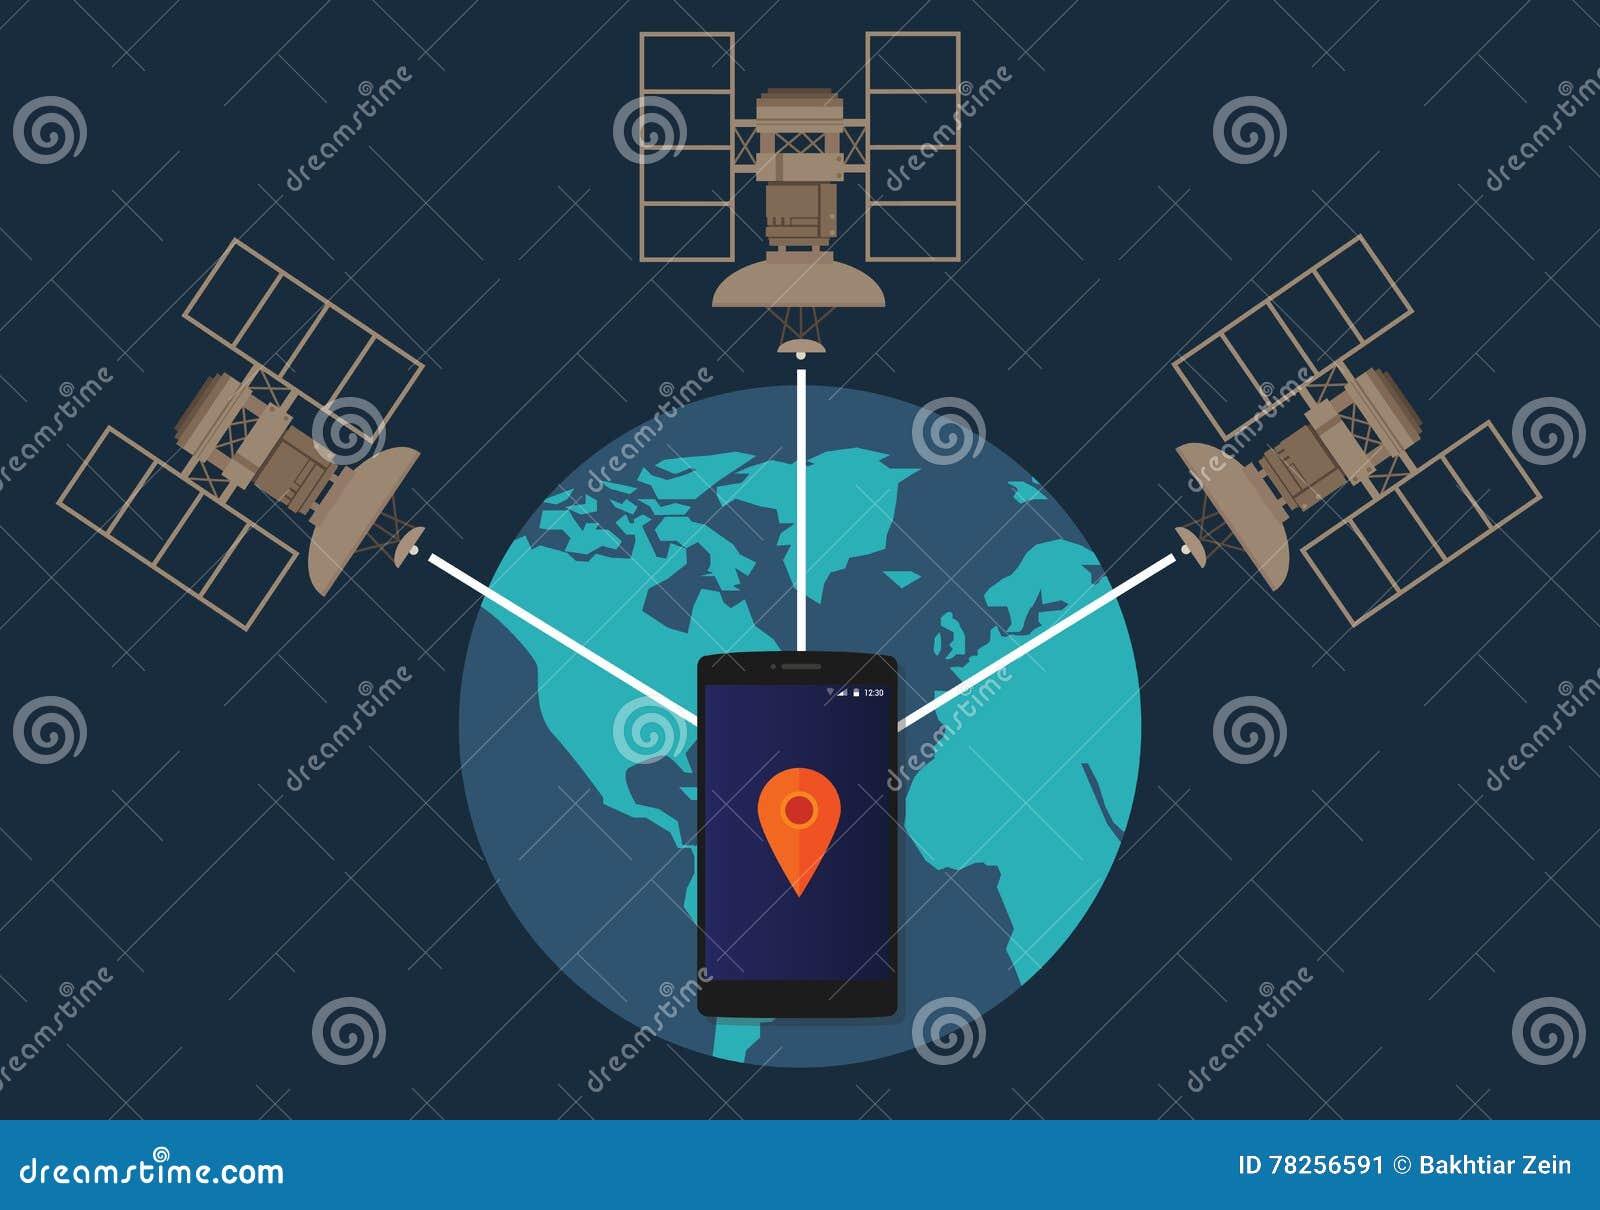 Ubicación por satélite del teléfono del sistema de navegación mundial de GPS que sigue cómo método técnico